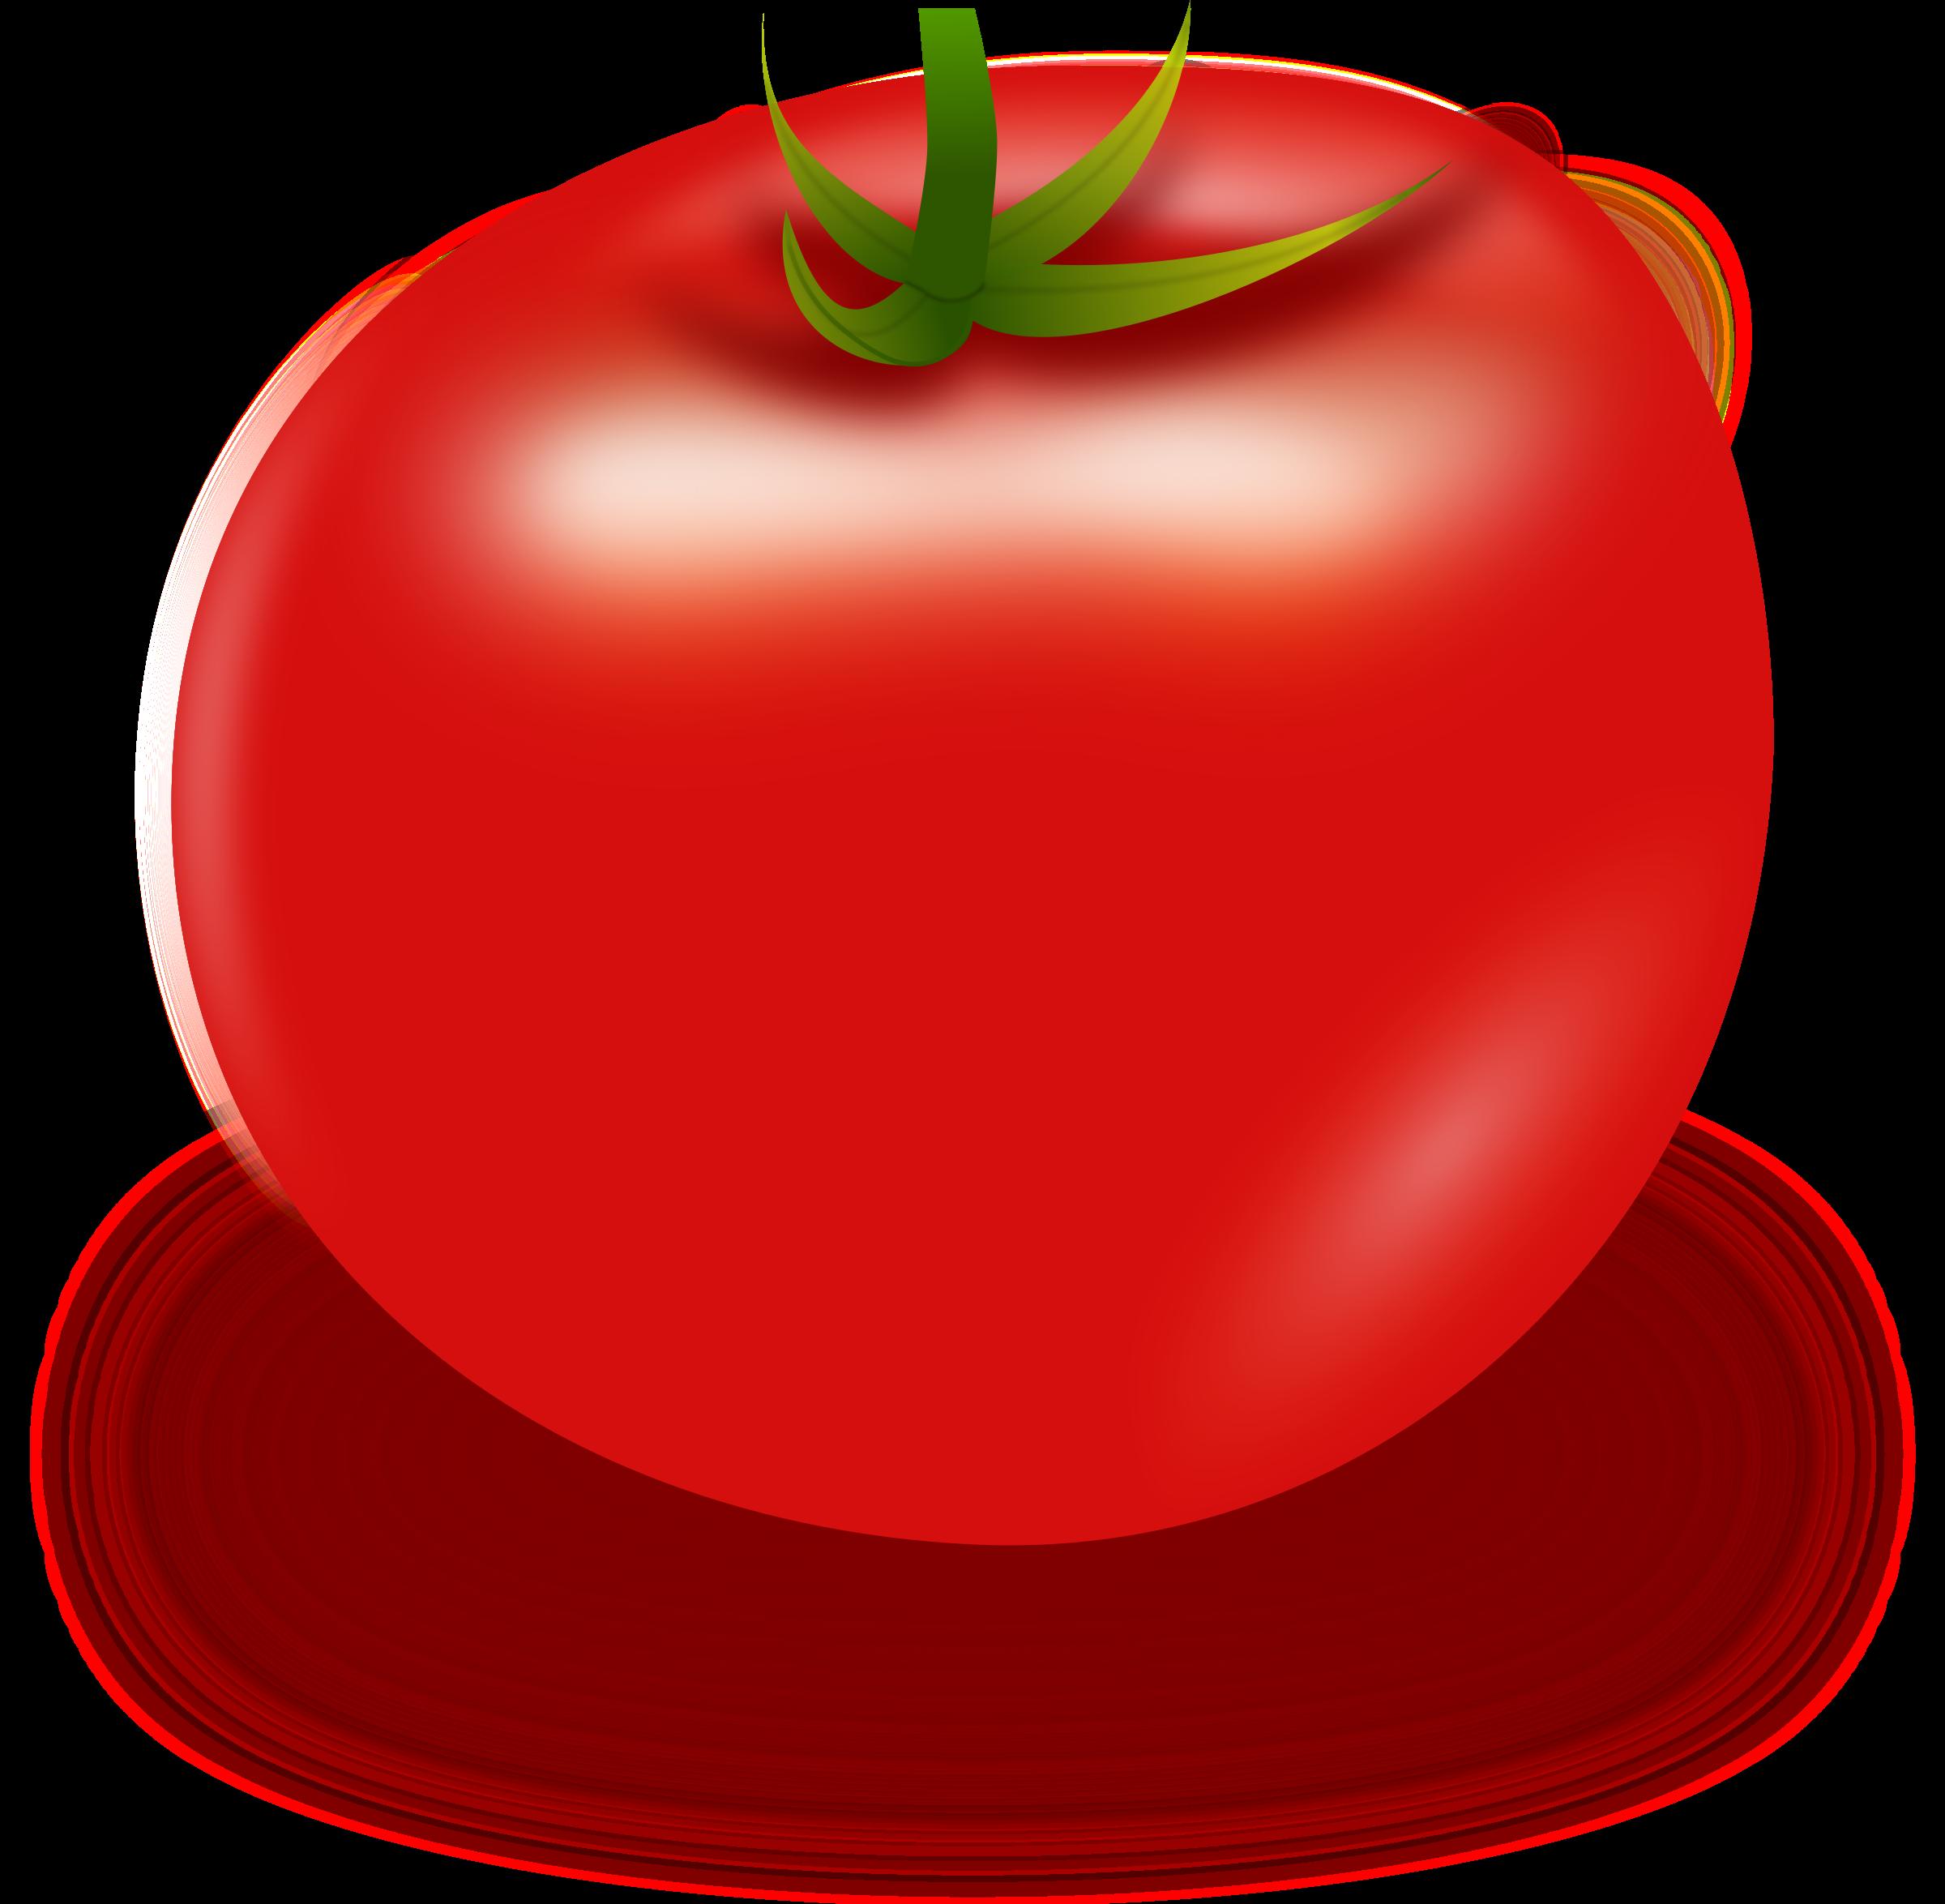 Clipart Vector Tomato